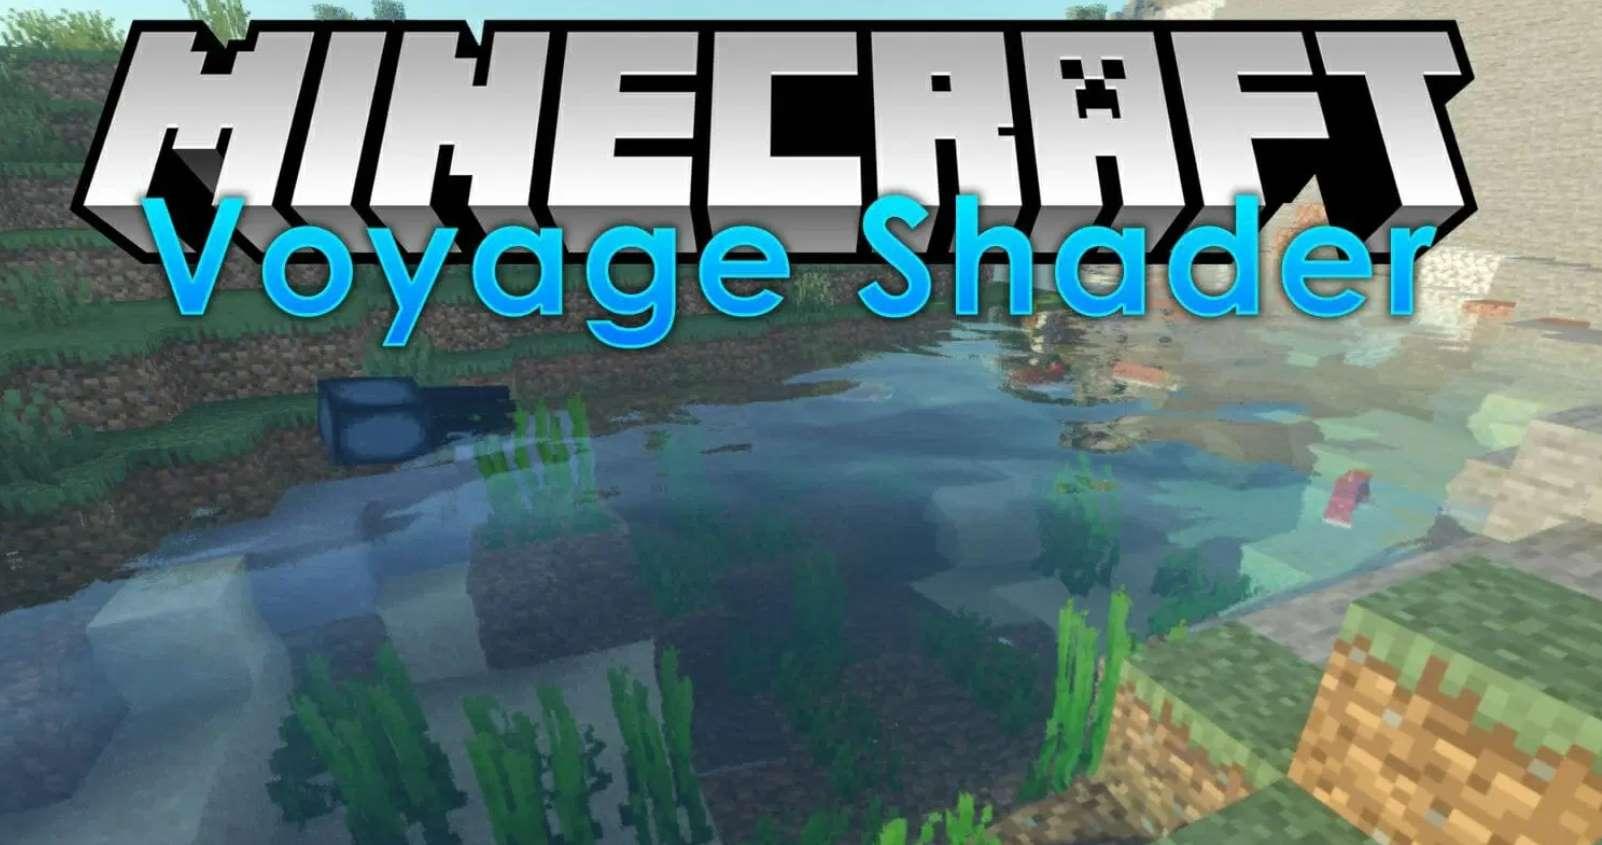 Voyager shader Minecraft